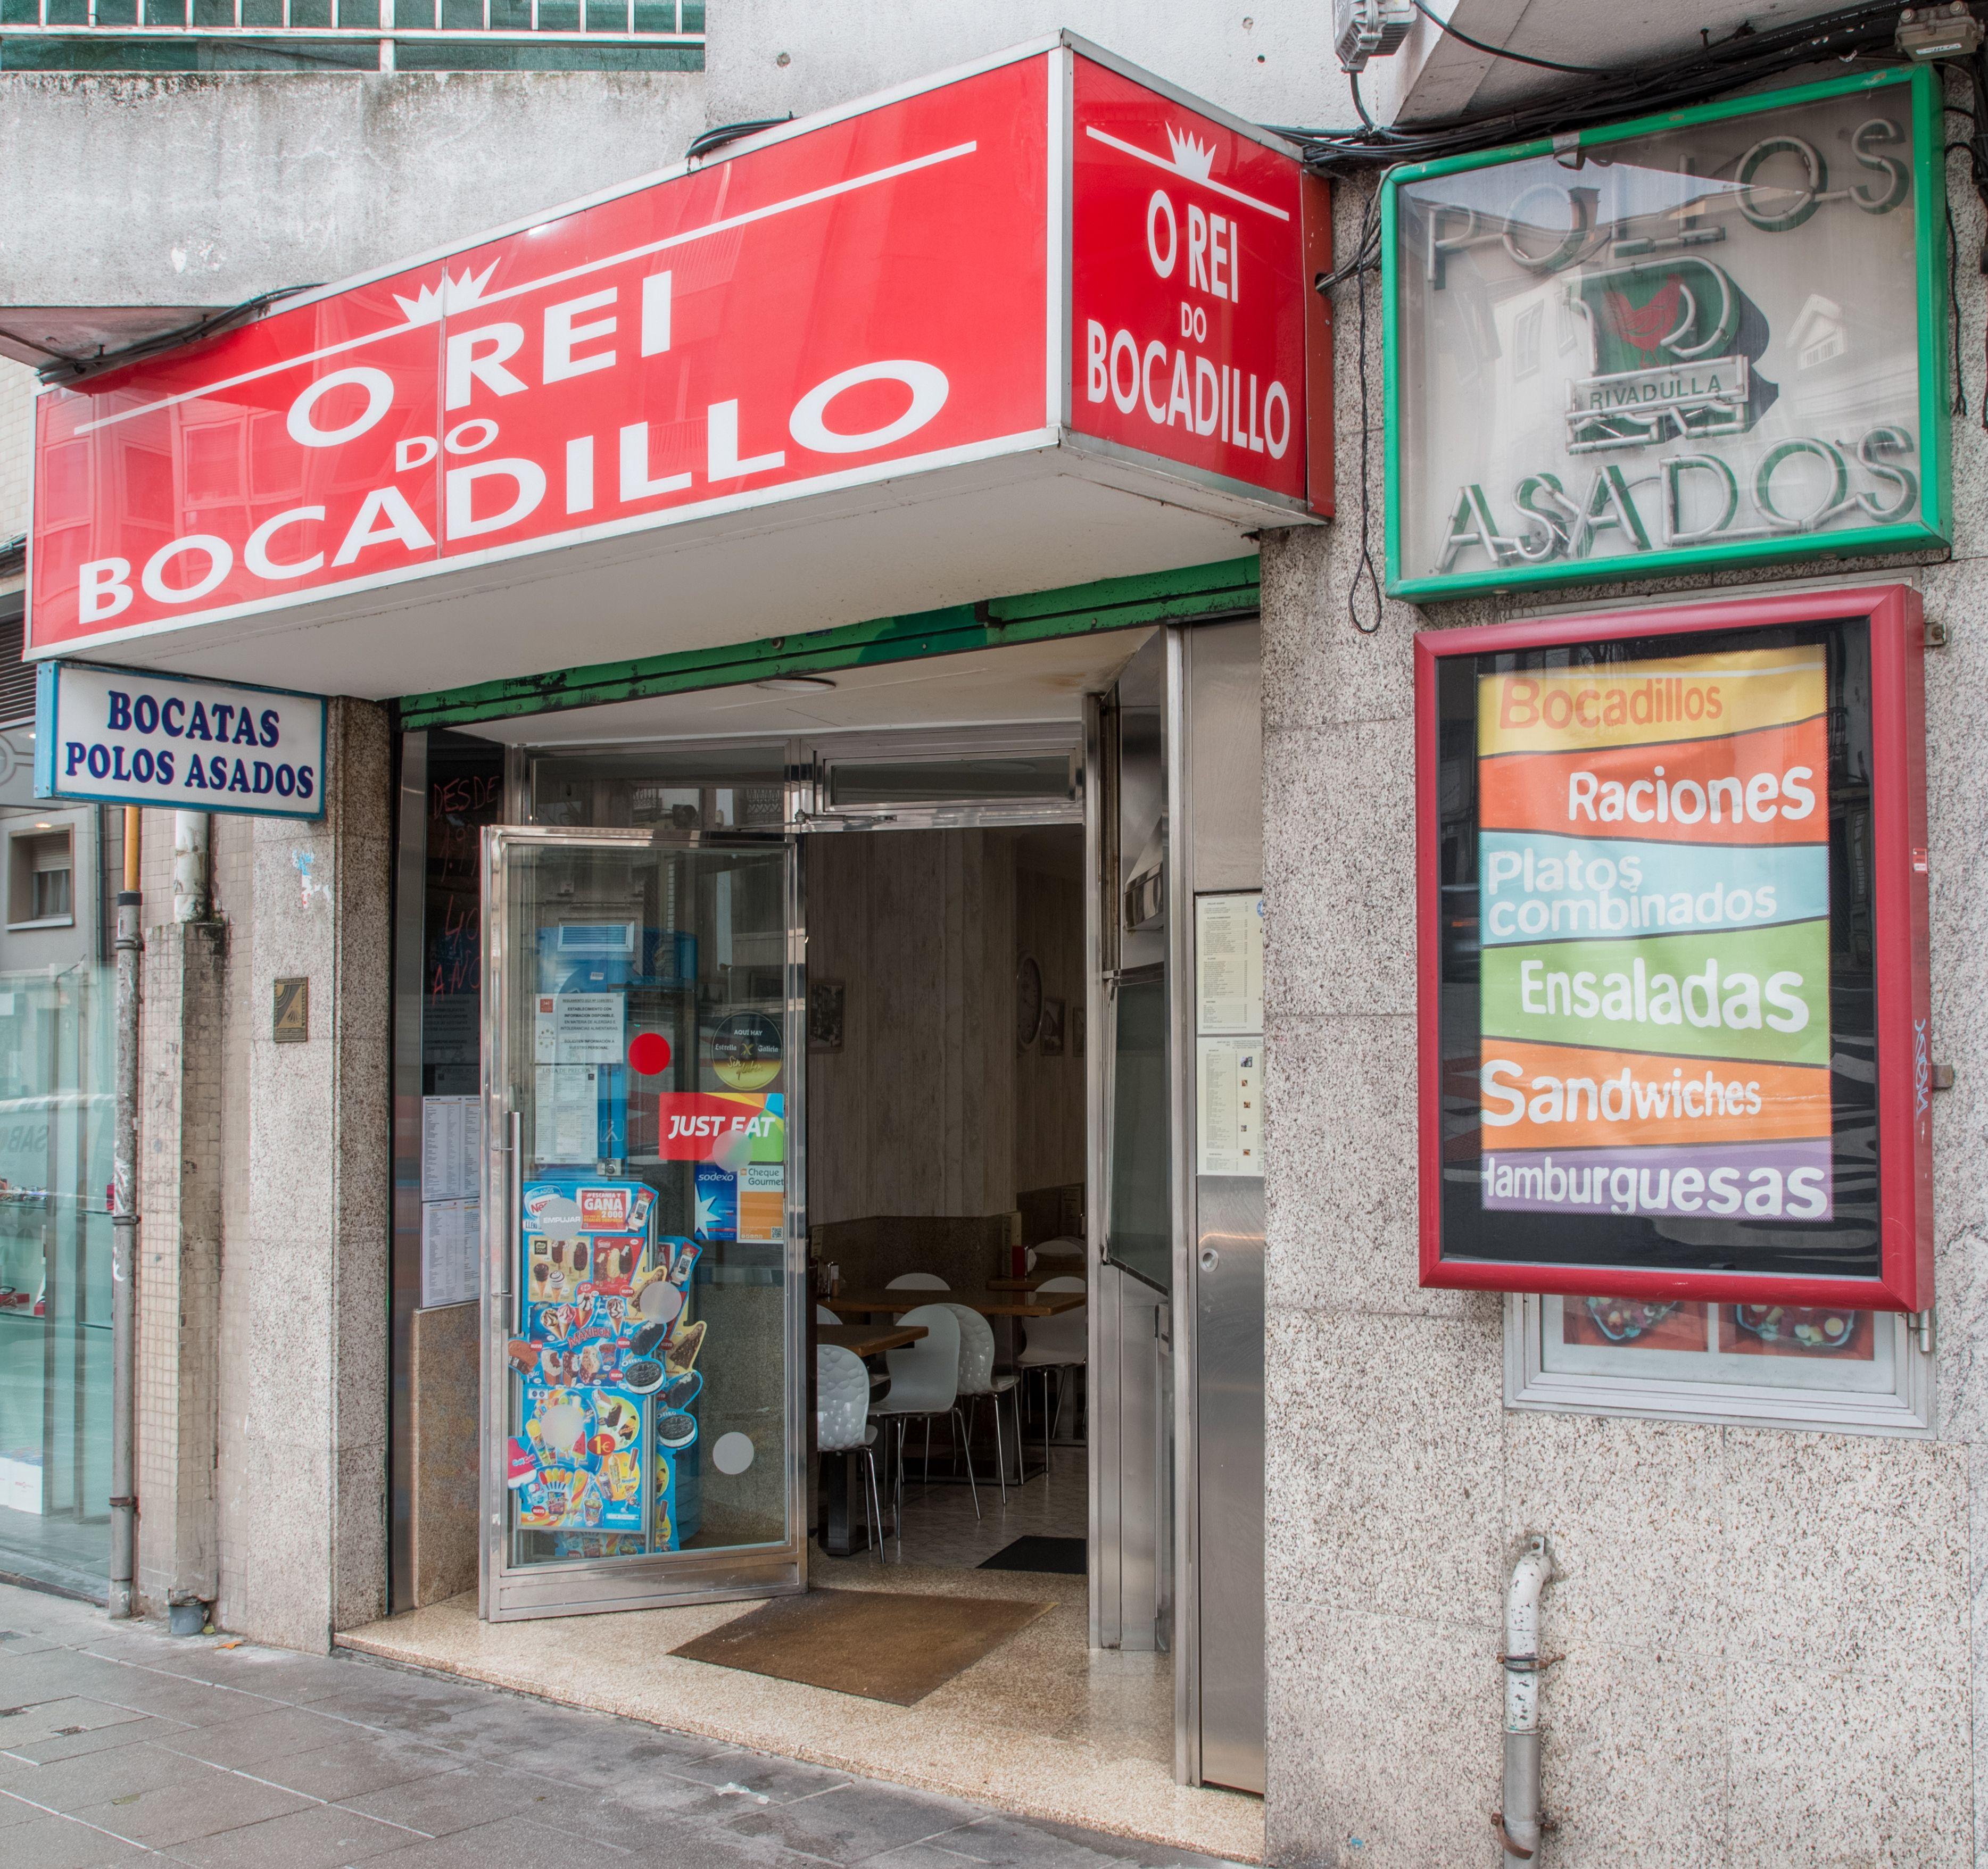 Foto 6 de Establecimiento con una amplia variedad en bocadillos, pollos asados, sándwiches y hamburguesas en Santiago de Compostela   O Rei Do Bocadillo